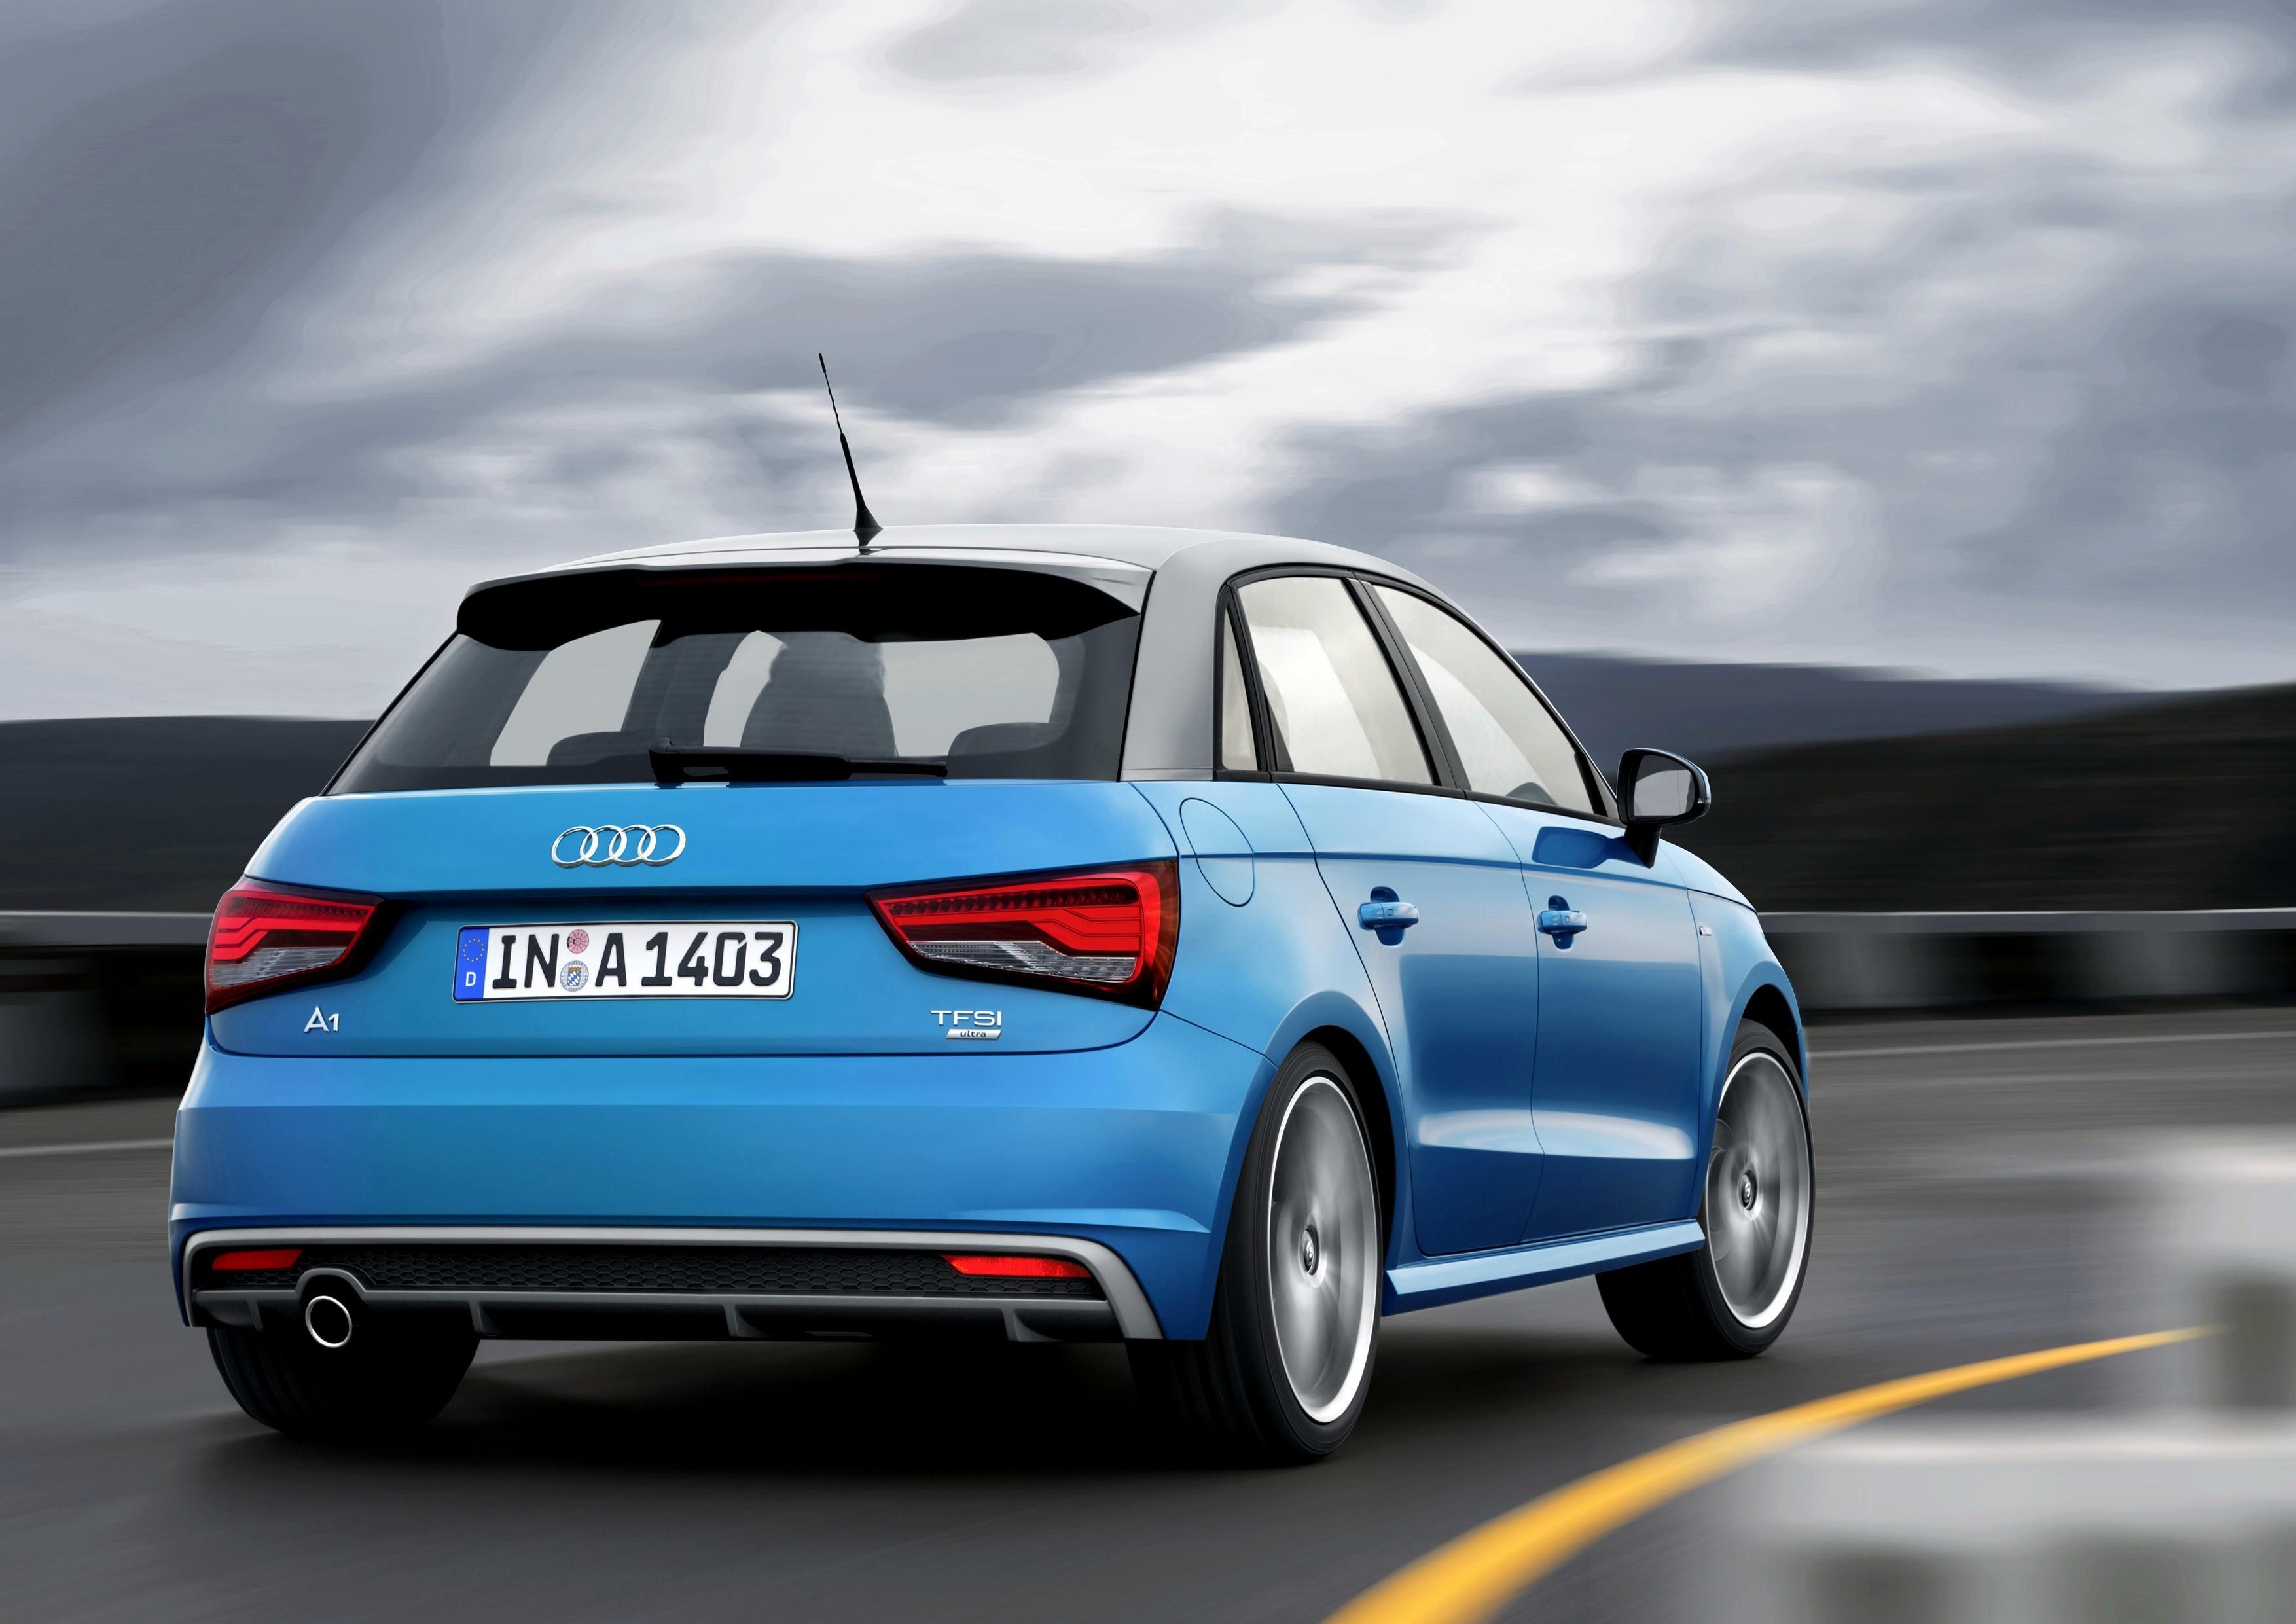 audi a1 neu 8 - Audi A1 neu bilder